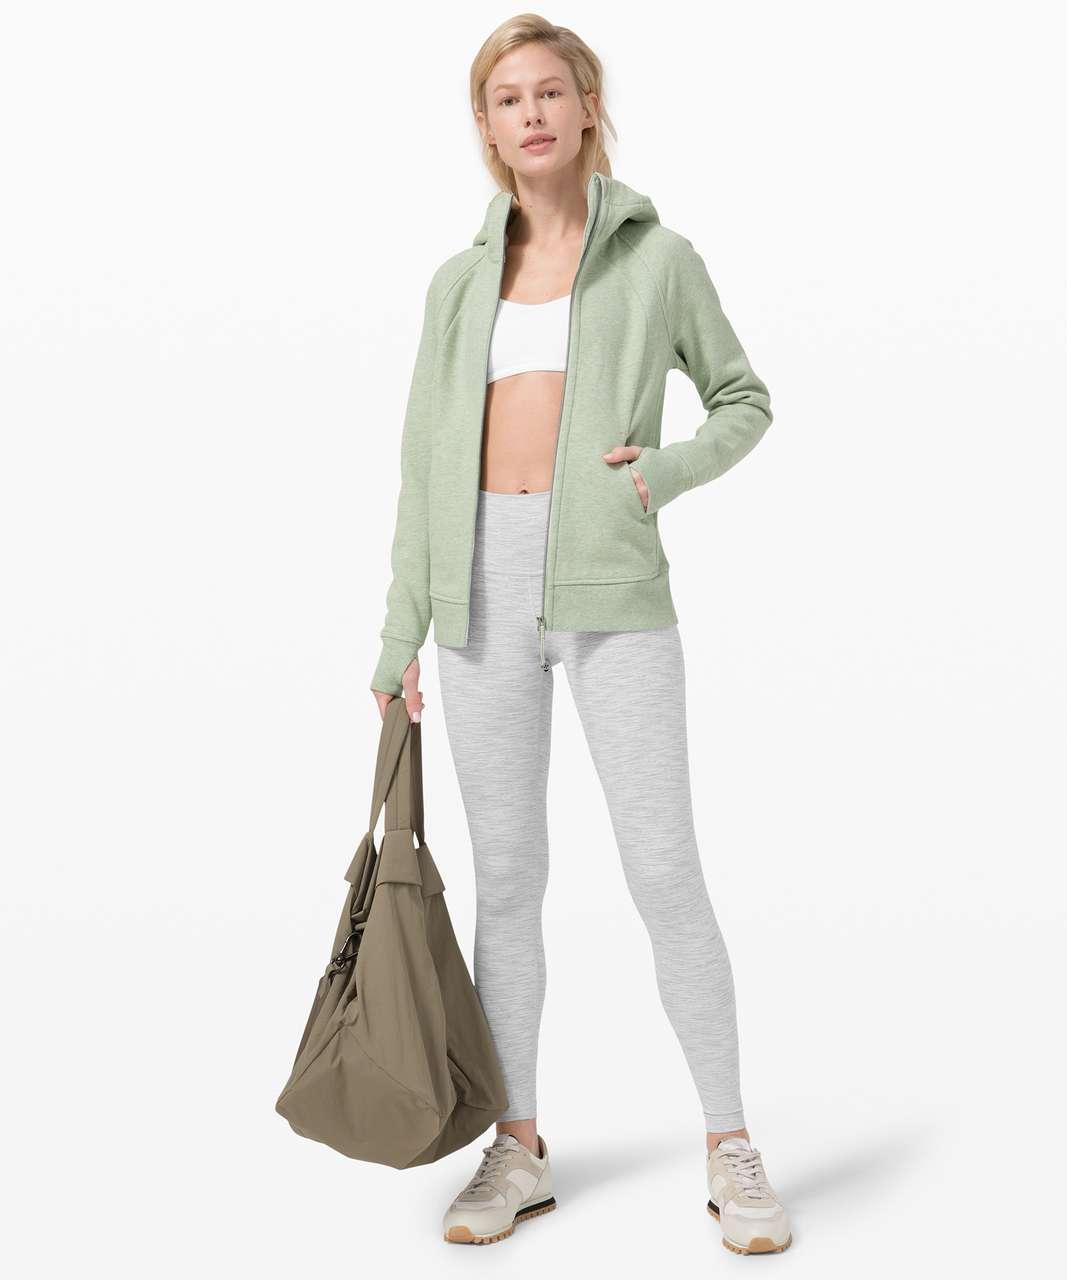 Lululemon Scuba Hoodie *Light Cotton Fleece - Heathered Springtime